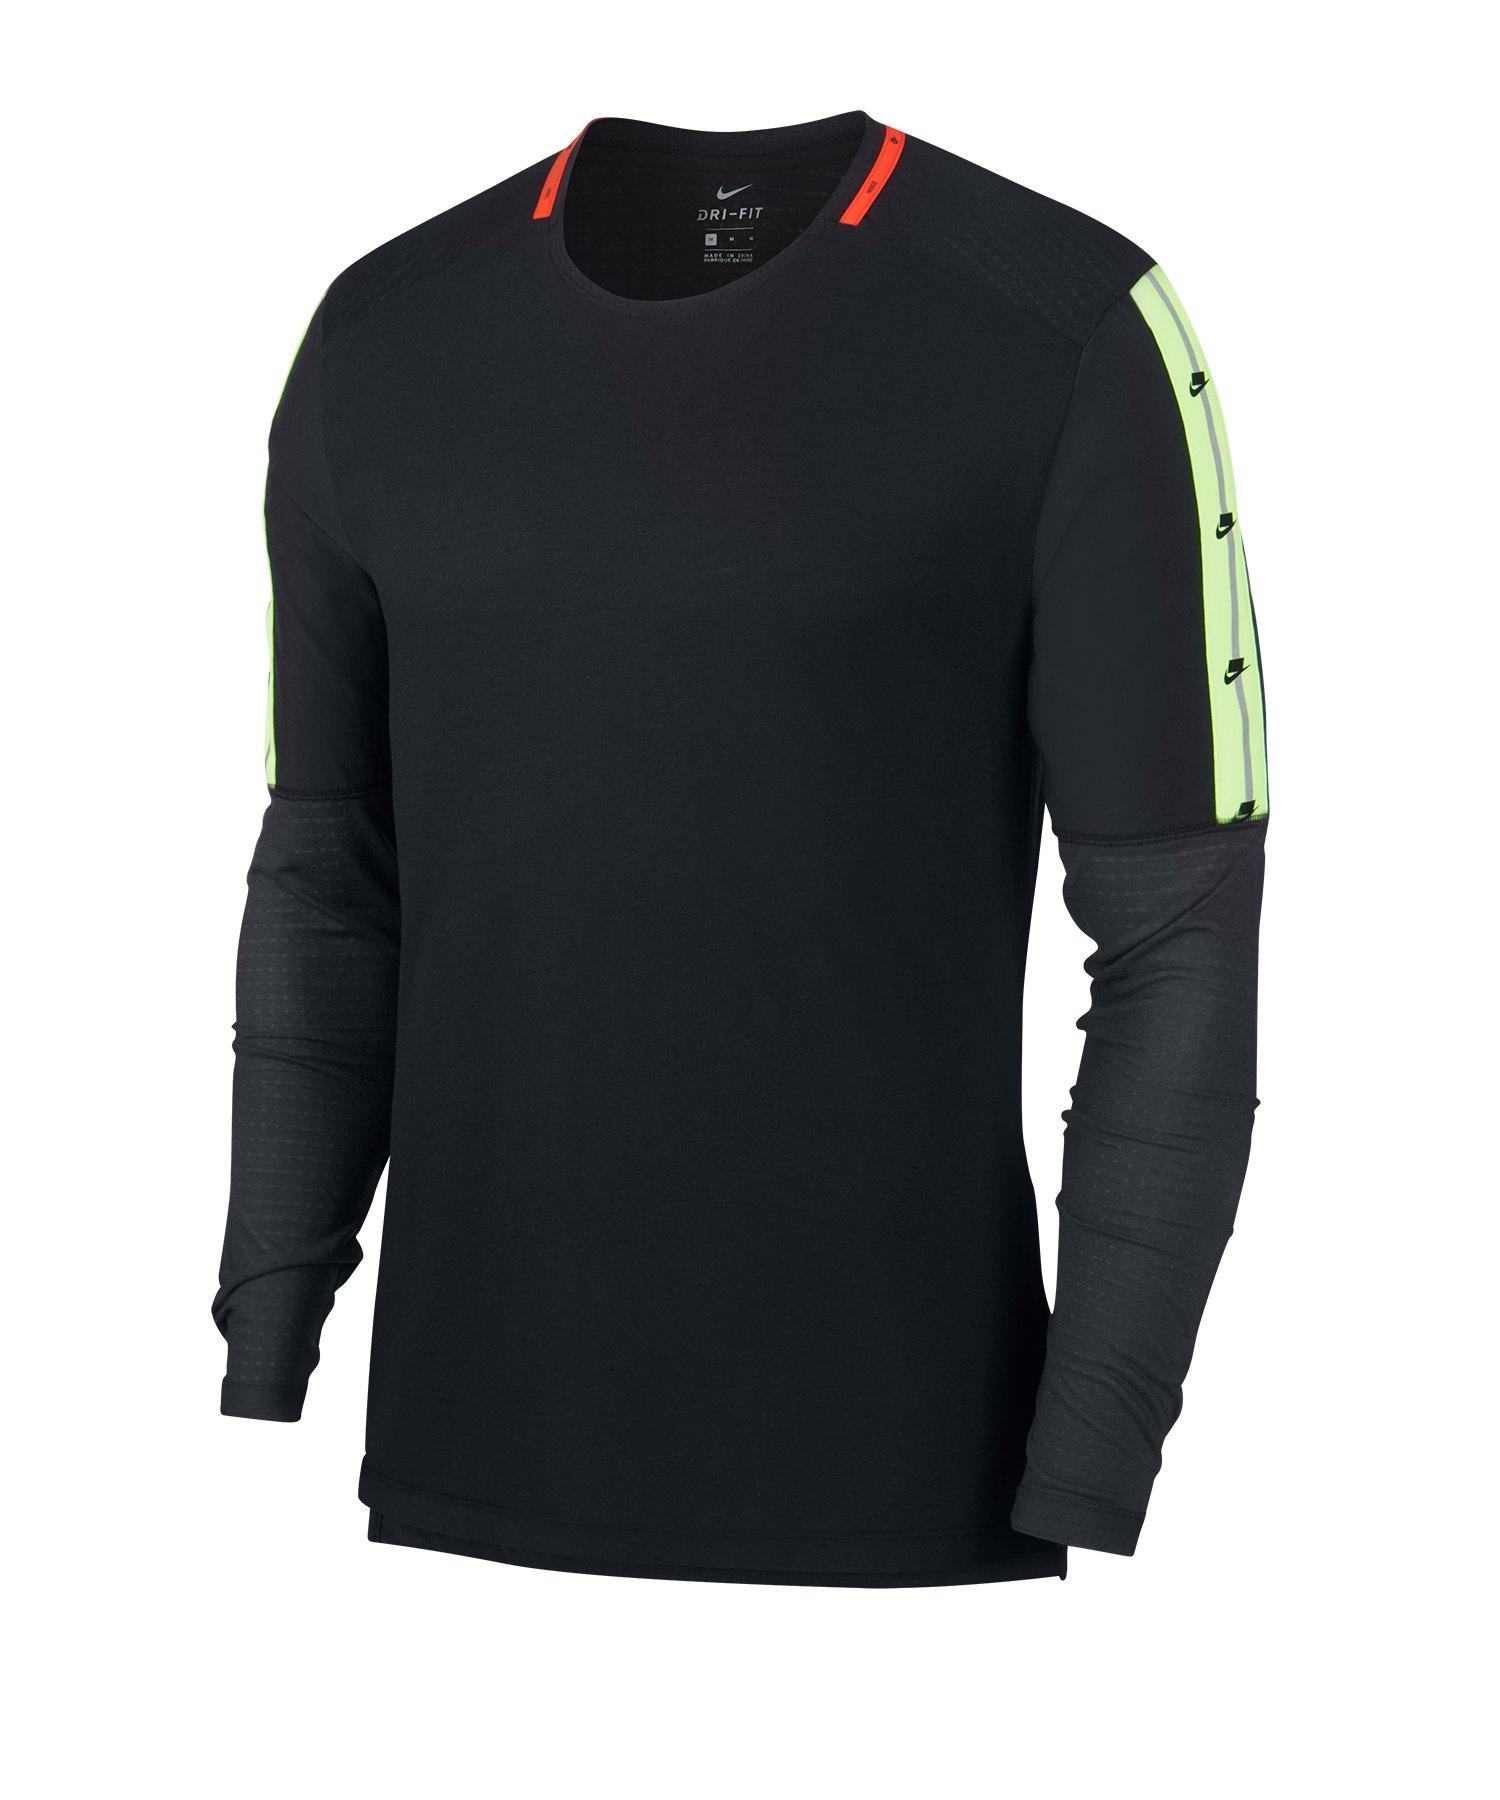 Nike Running Sweatshirt Schwarz F010 - schwarz